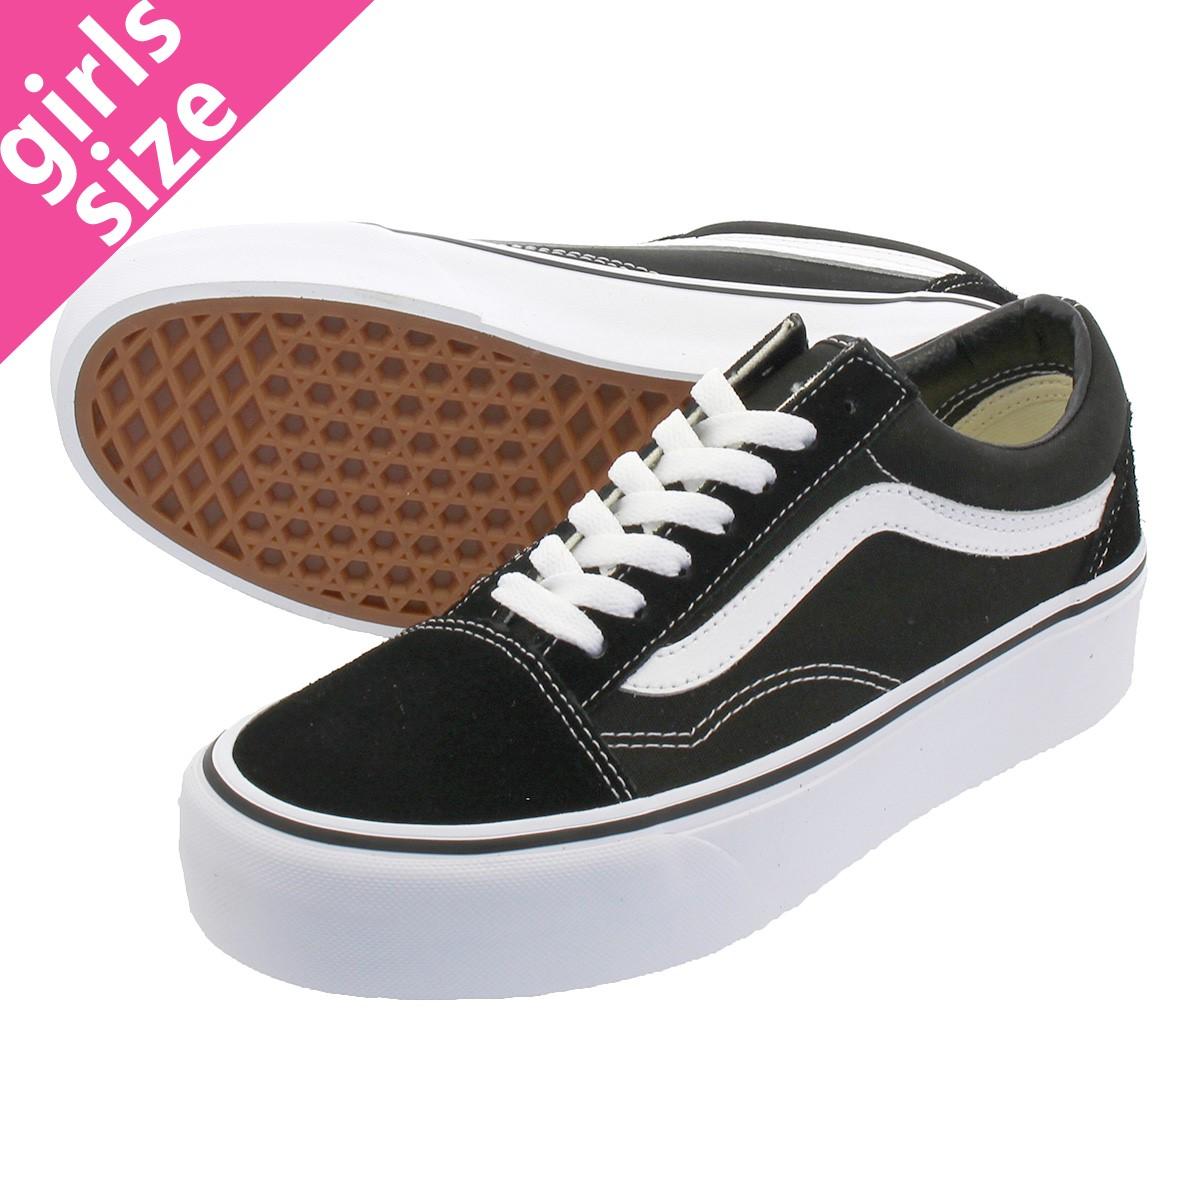 LOWTEX PLUS: vans Shoes Most Reviews 60items | Rakuten